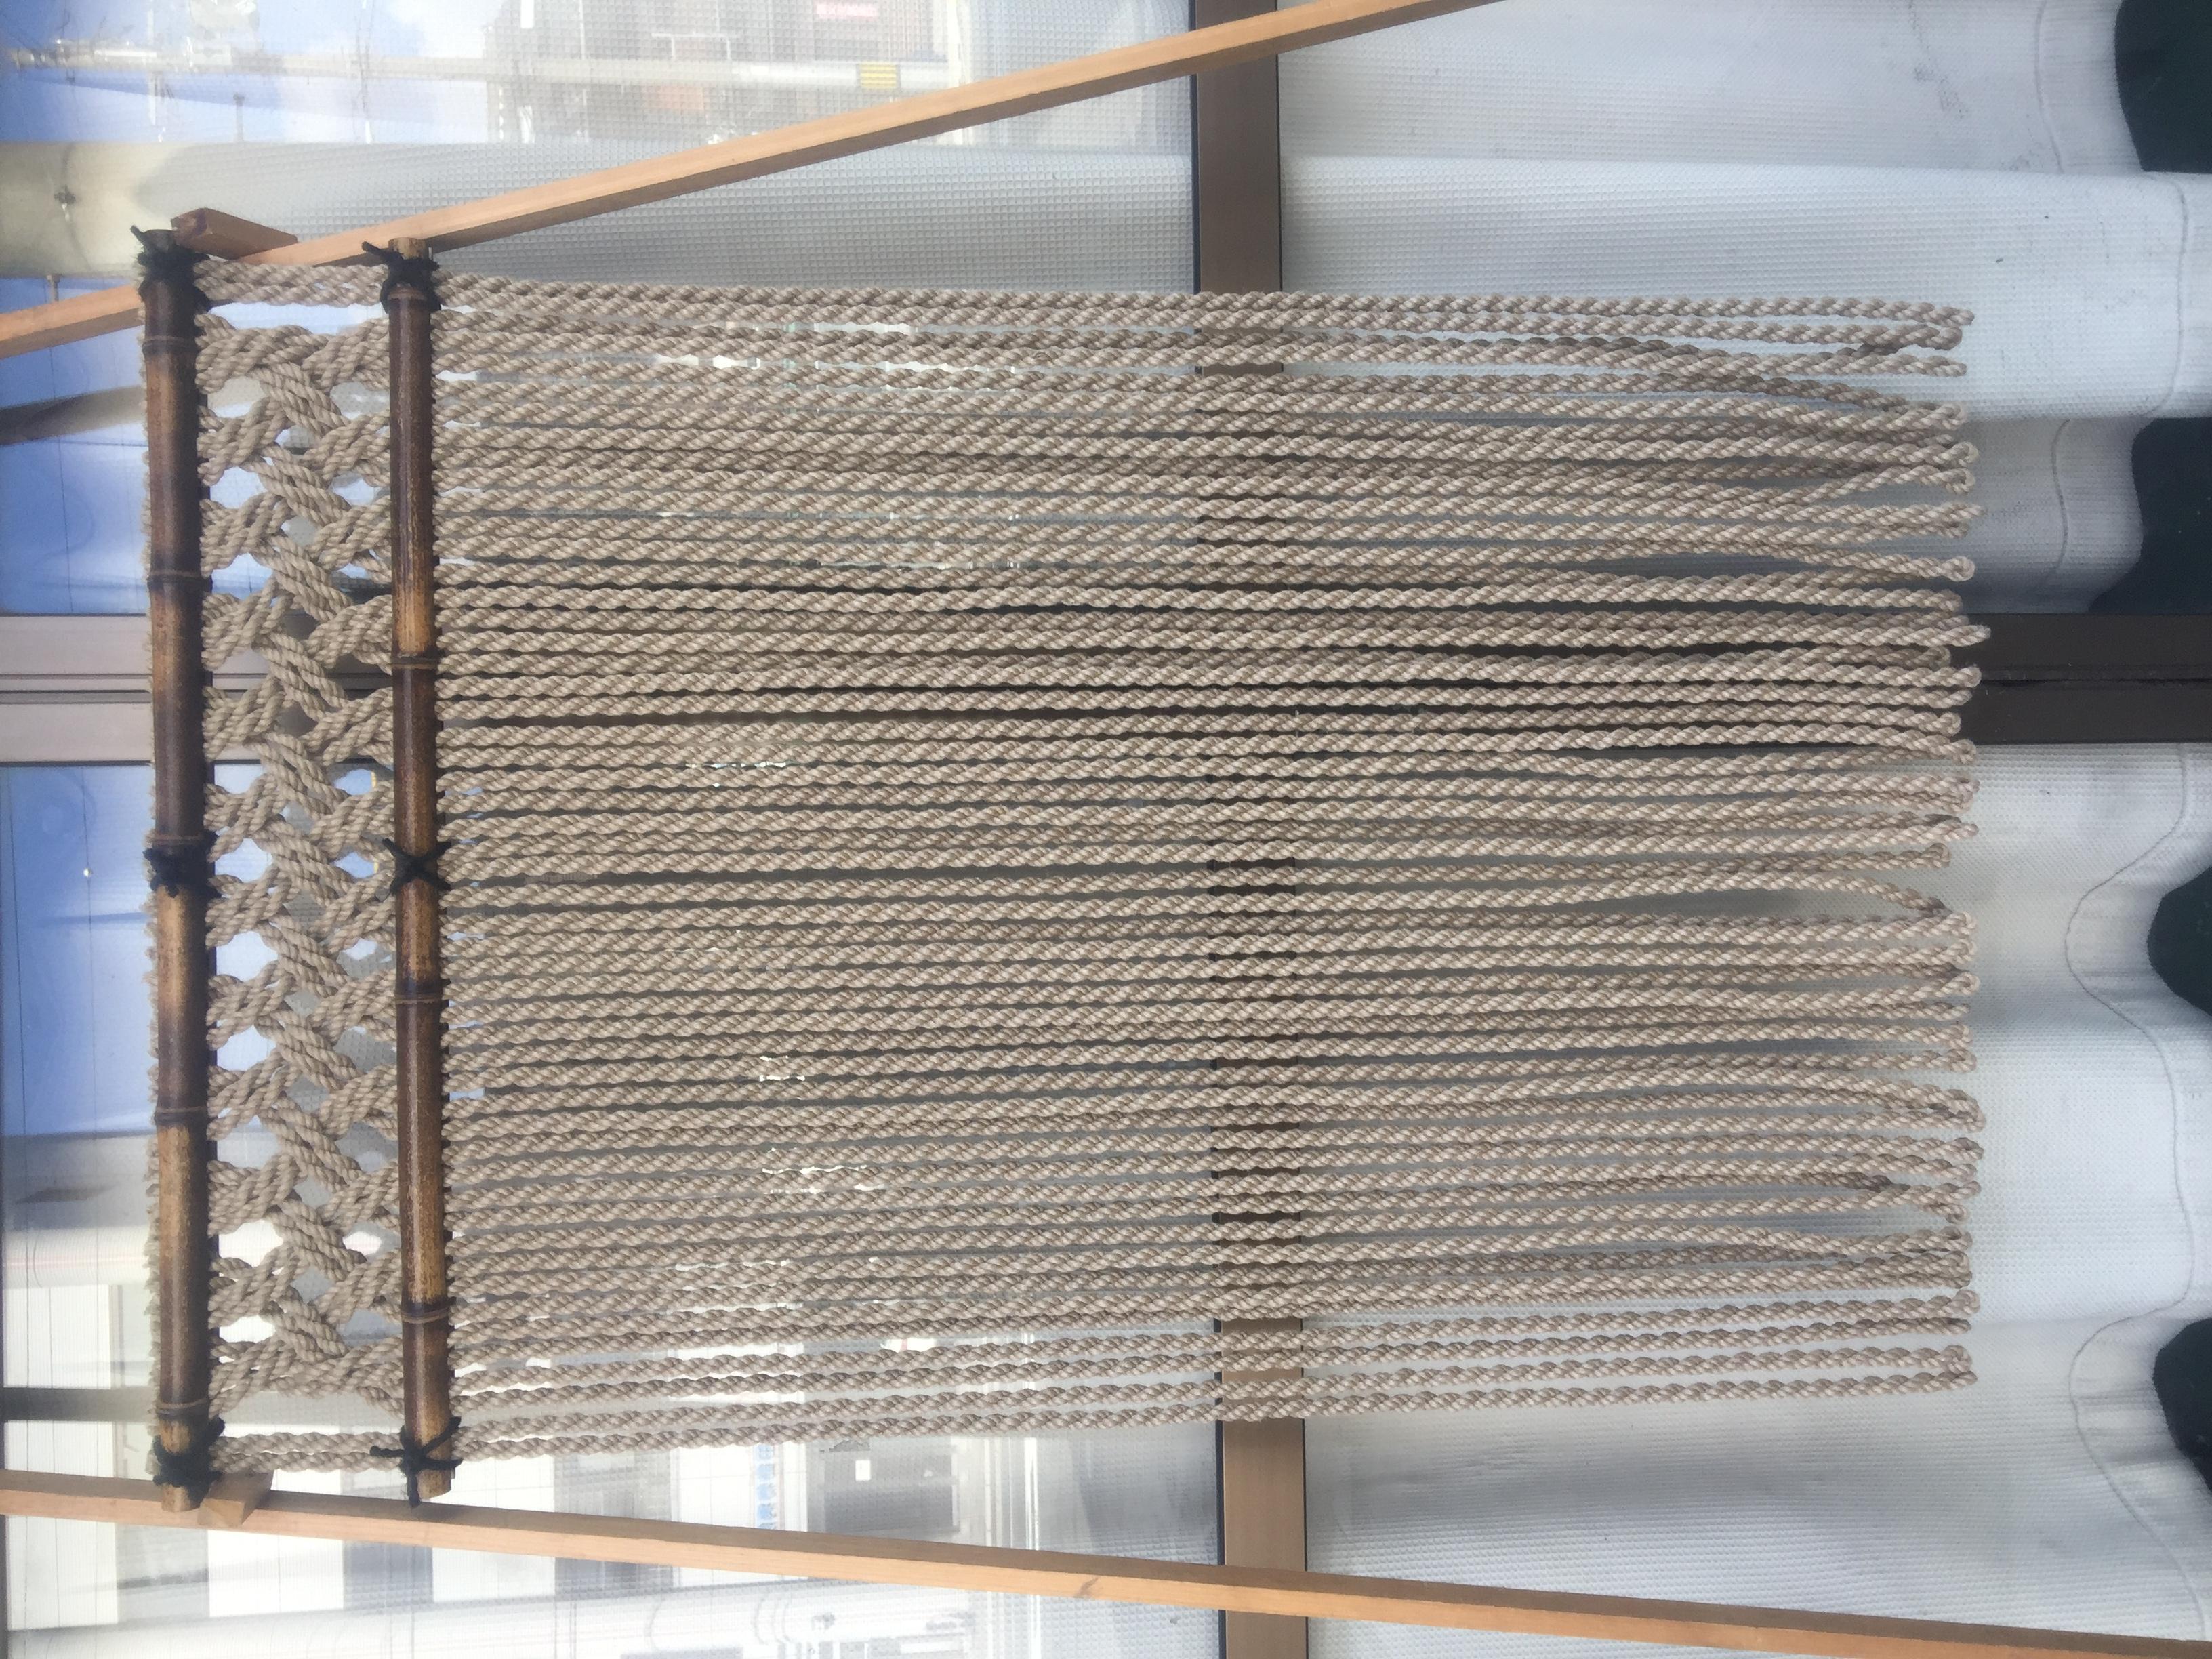 ジュート麻縄のれん 格子編み